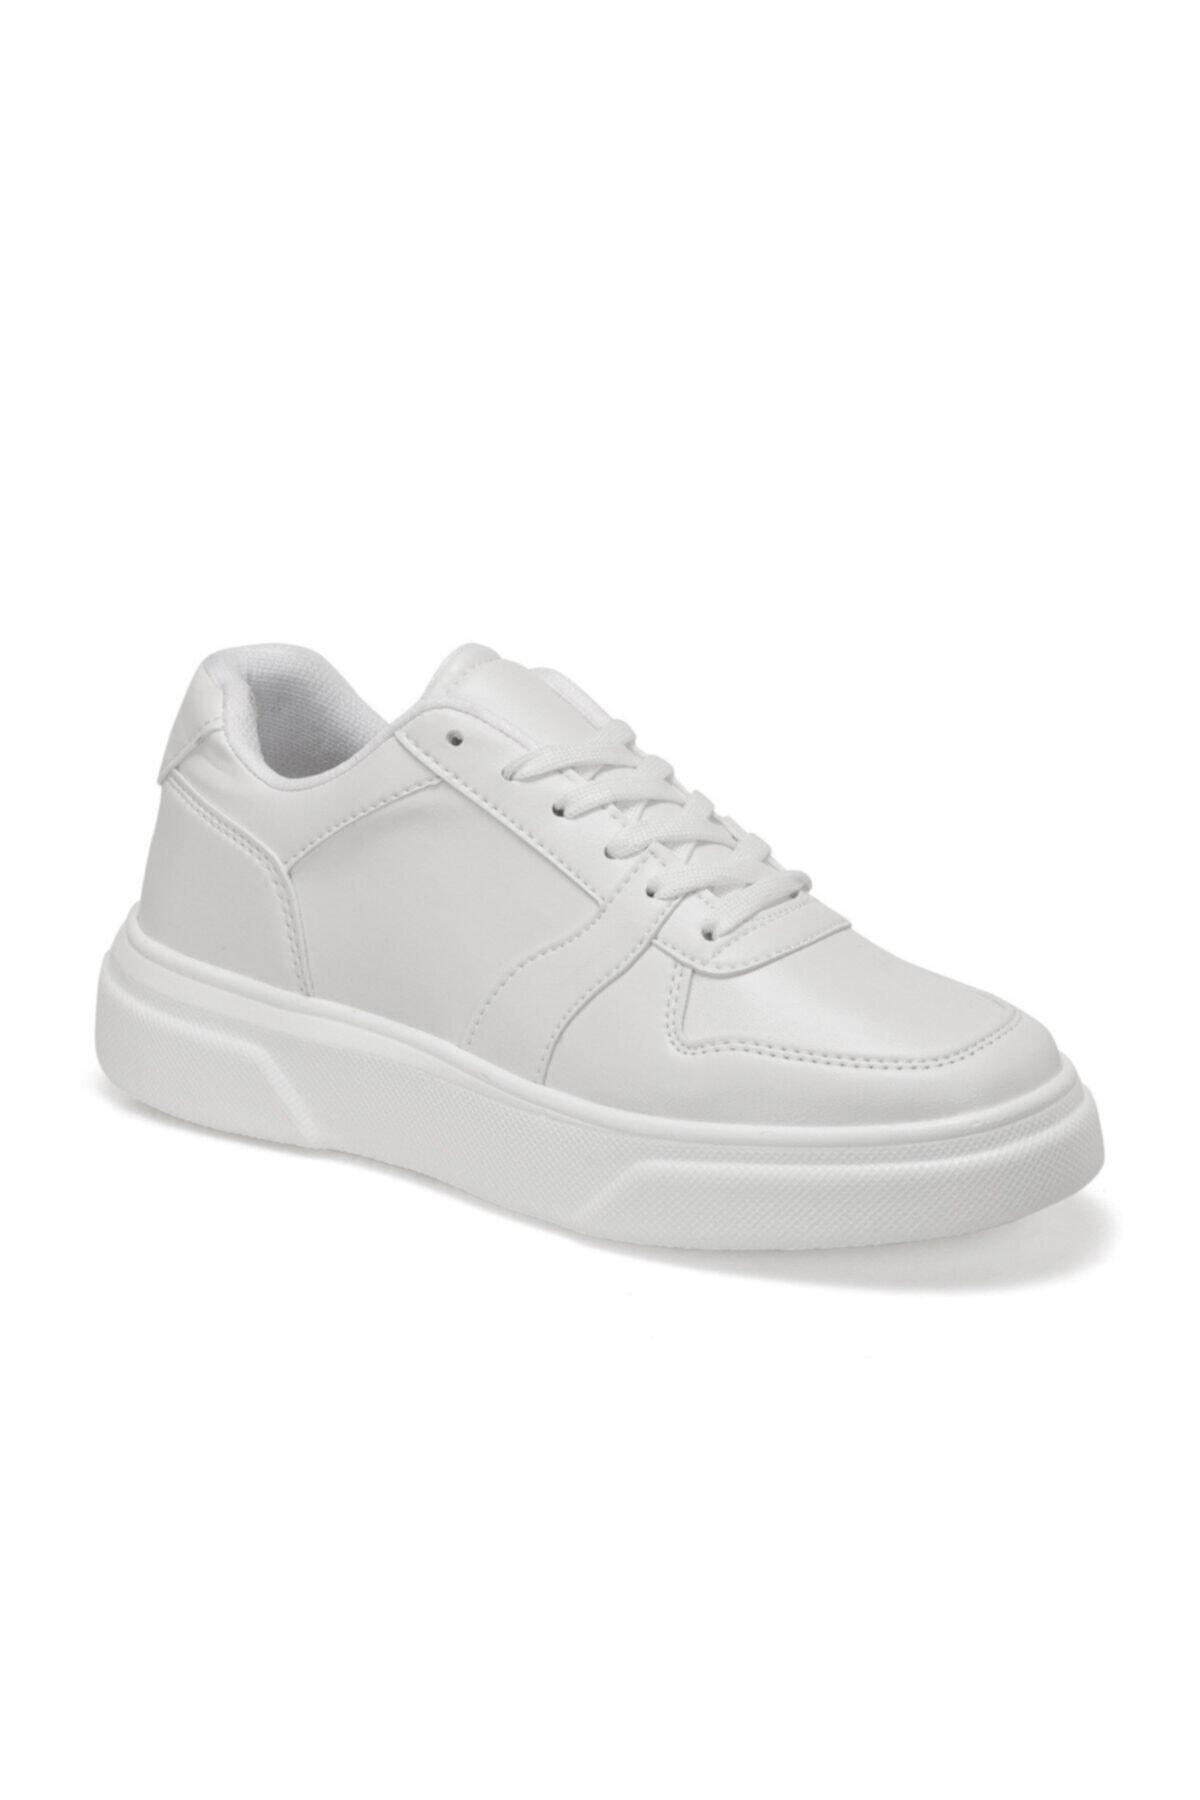 Torex ENZO Beyaz Erkek Kalın Taban Sneaker Spor Ayakkabı 100577270 1